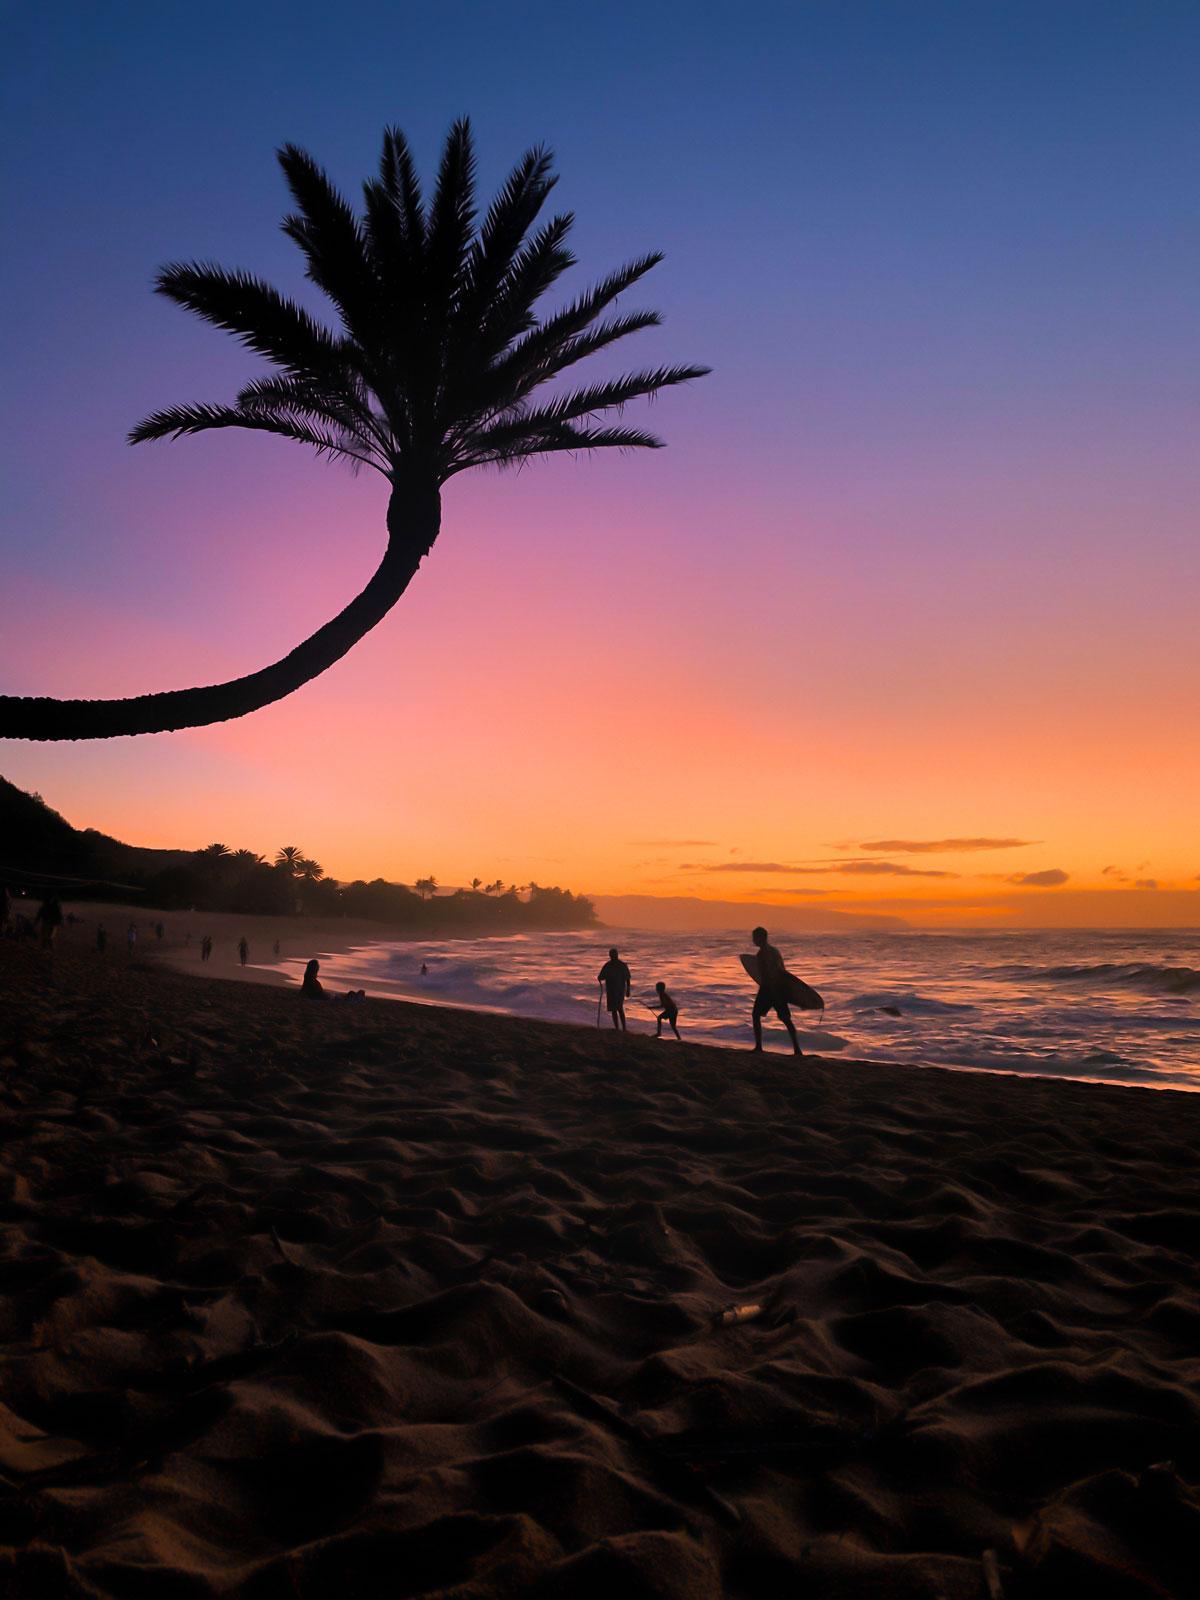 Hannah hat dieses Foto mit dem iPhone zum Sonnenuntergang am North Shore (Oahu, Hawaii) aufgenommen. Danach per App nachbearbeitet.